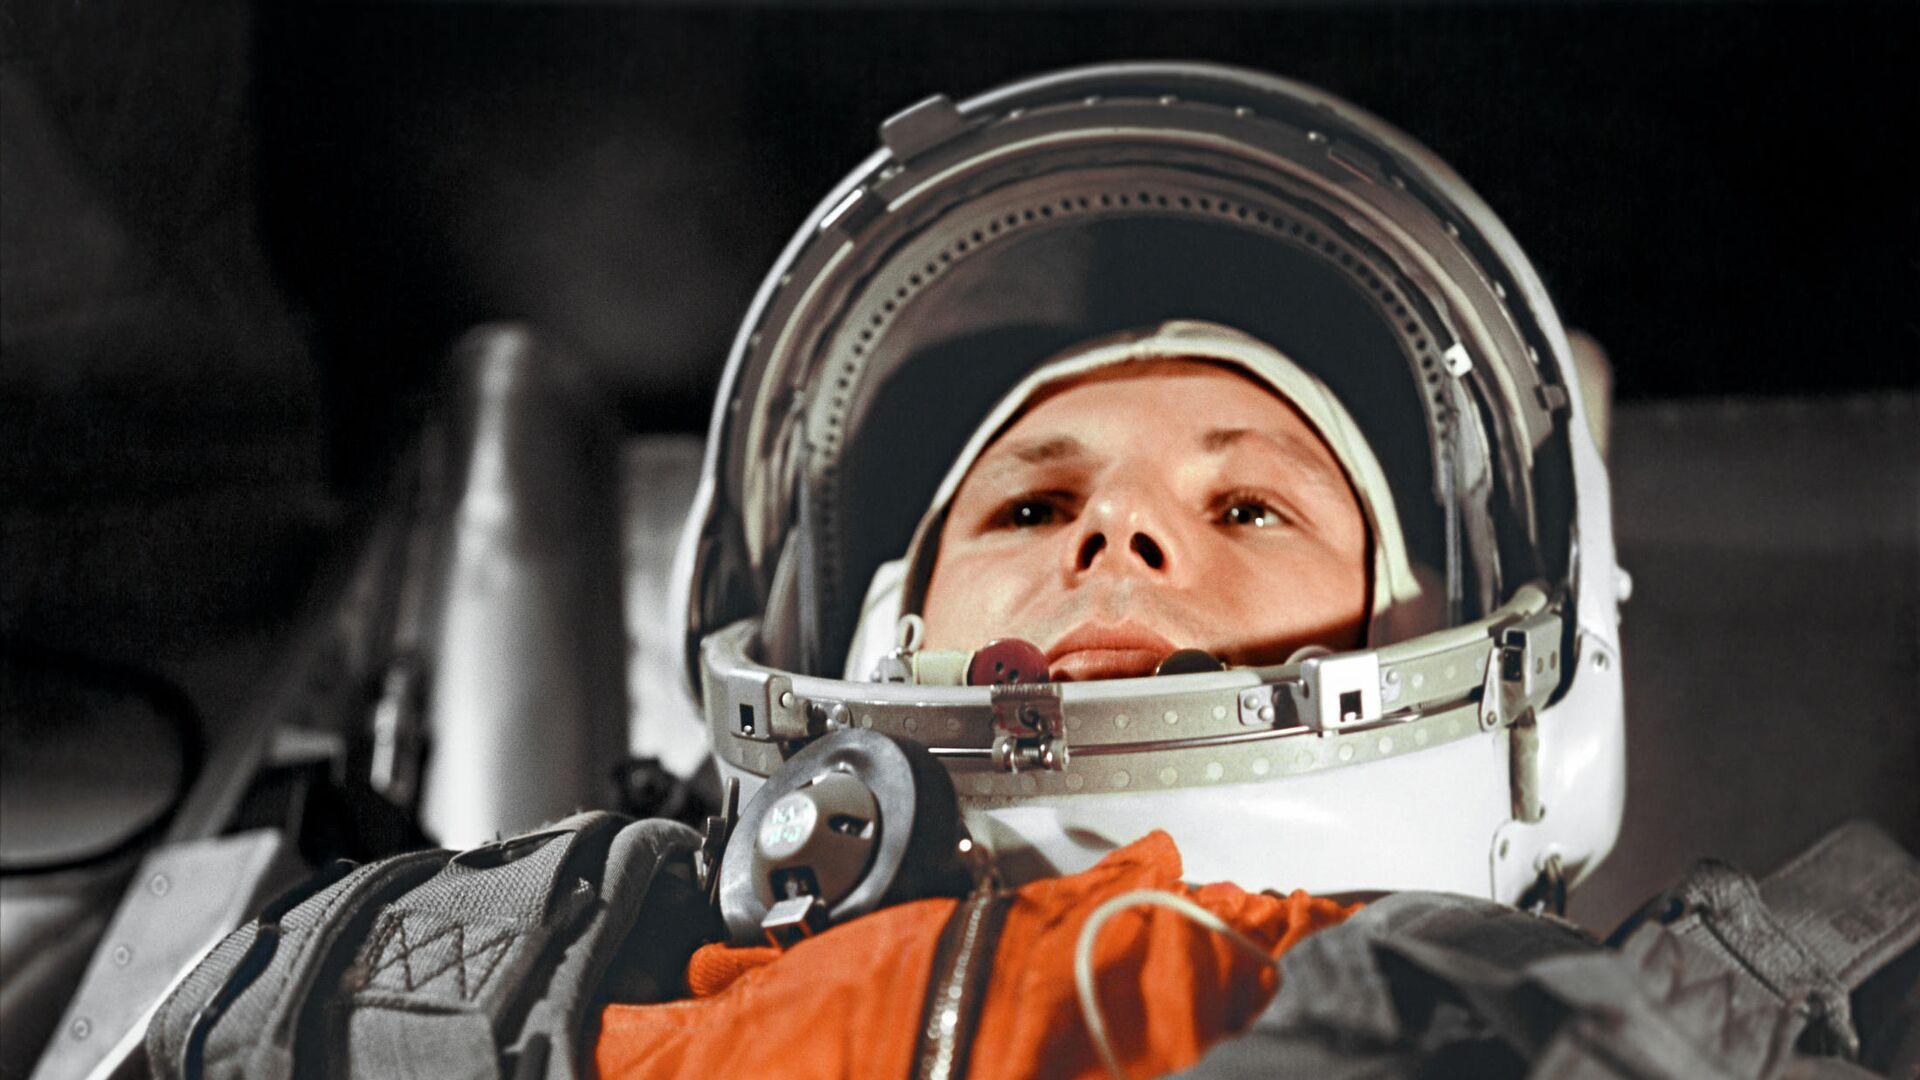 """Юрий Гагарин в кабине космического корабля """"Восток"""" перед полётом в космос 12 апреля 1961 года - РИА Новости, 1920, 01.04.2021"""